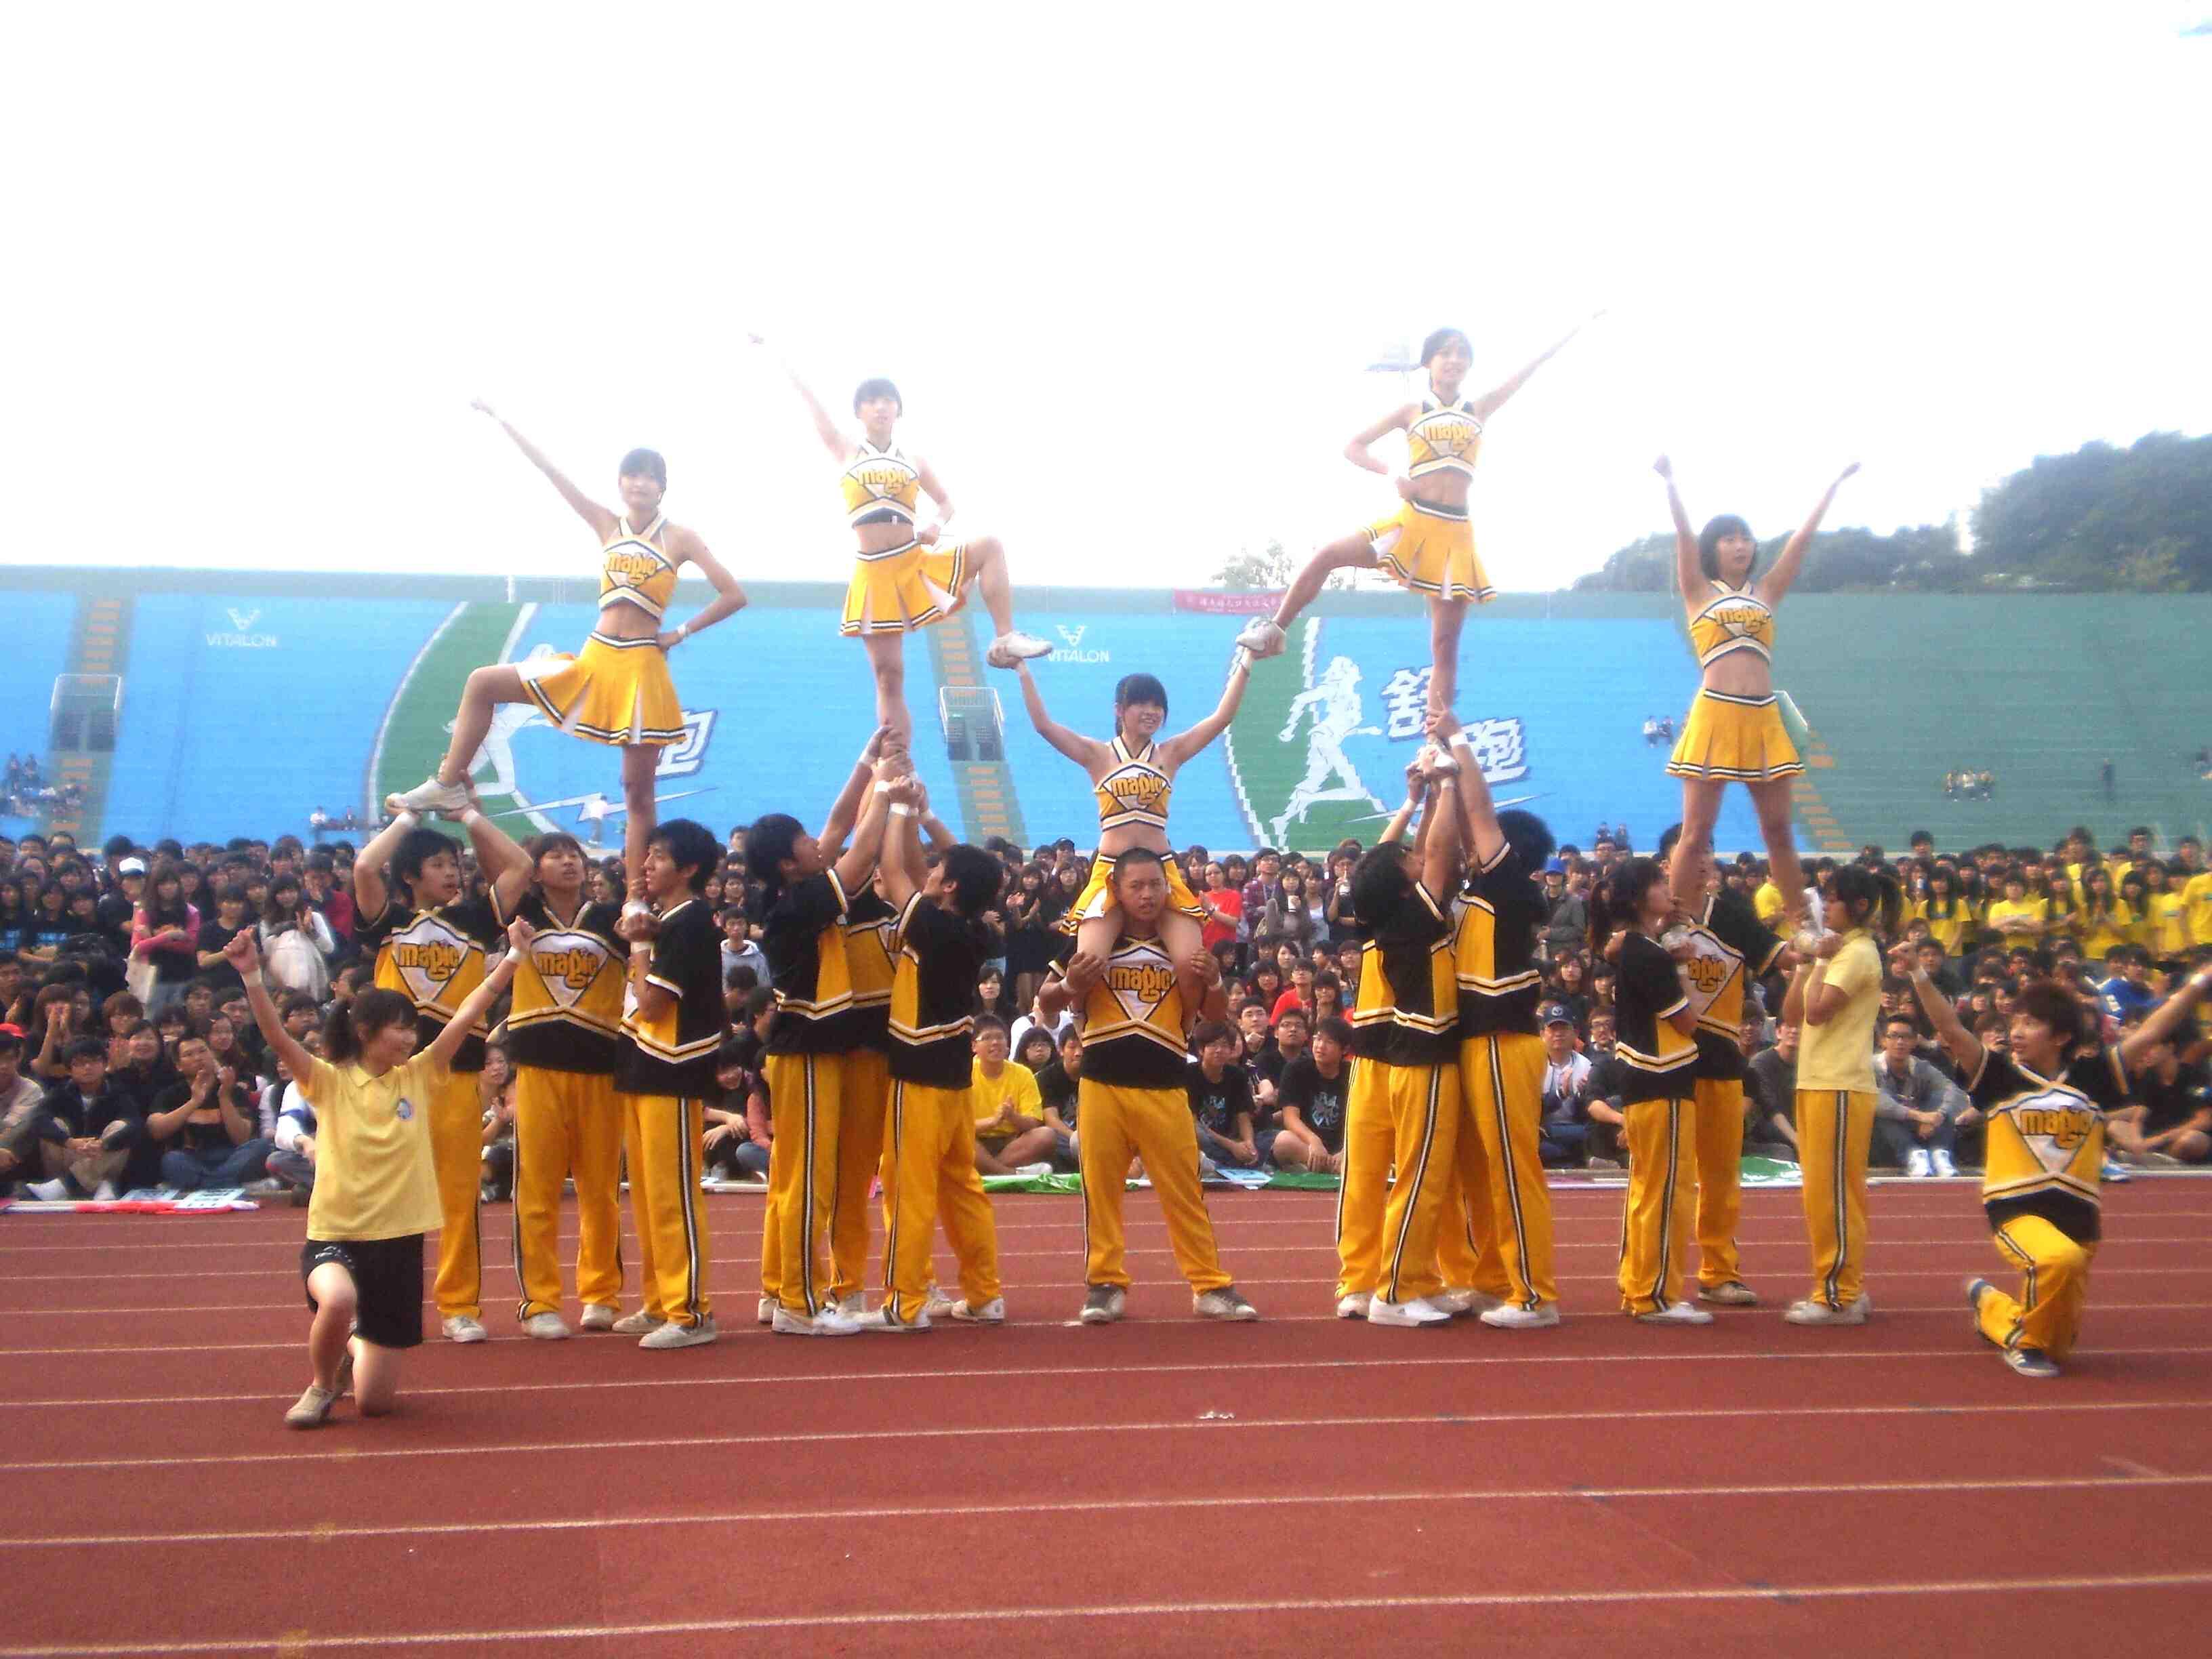 表演活动之一~竞技啦啦队图片